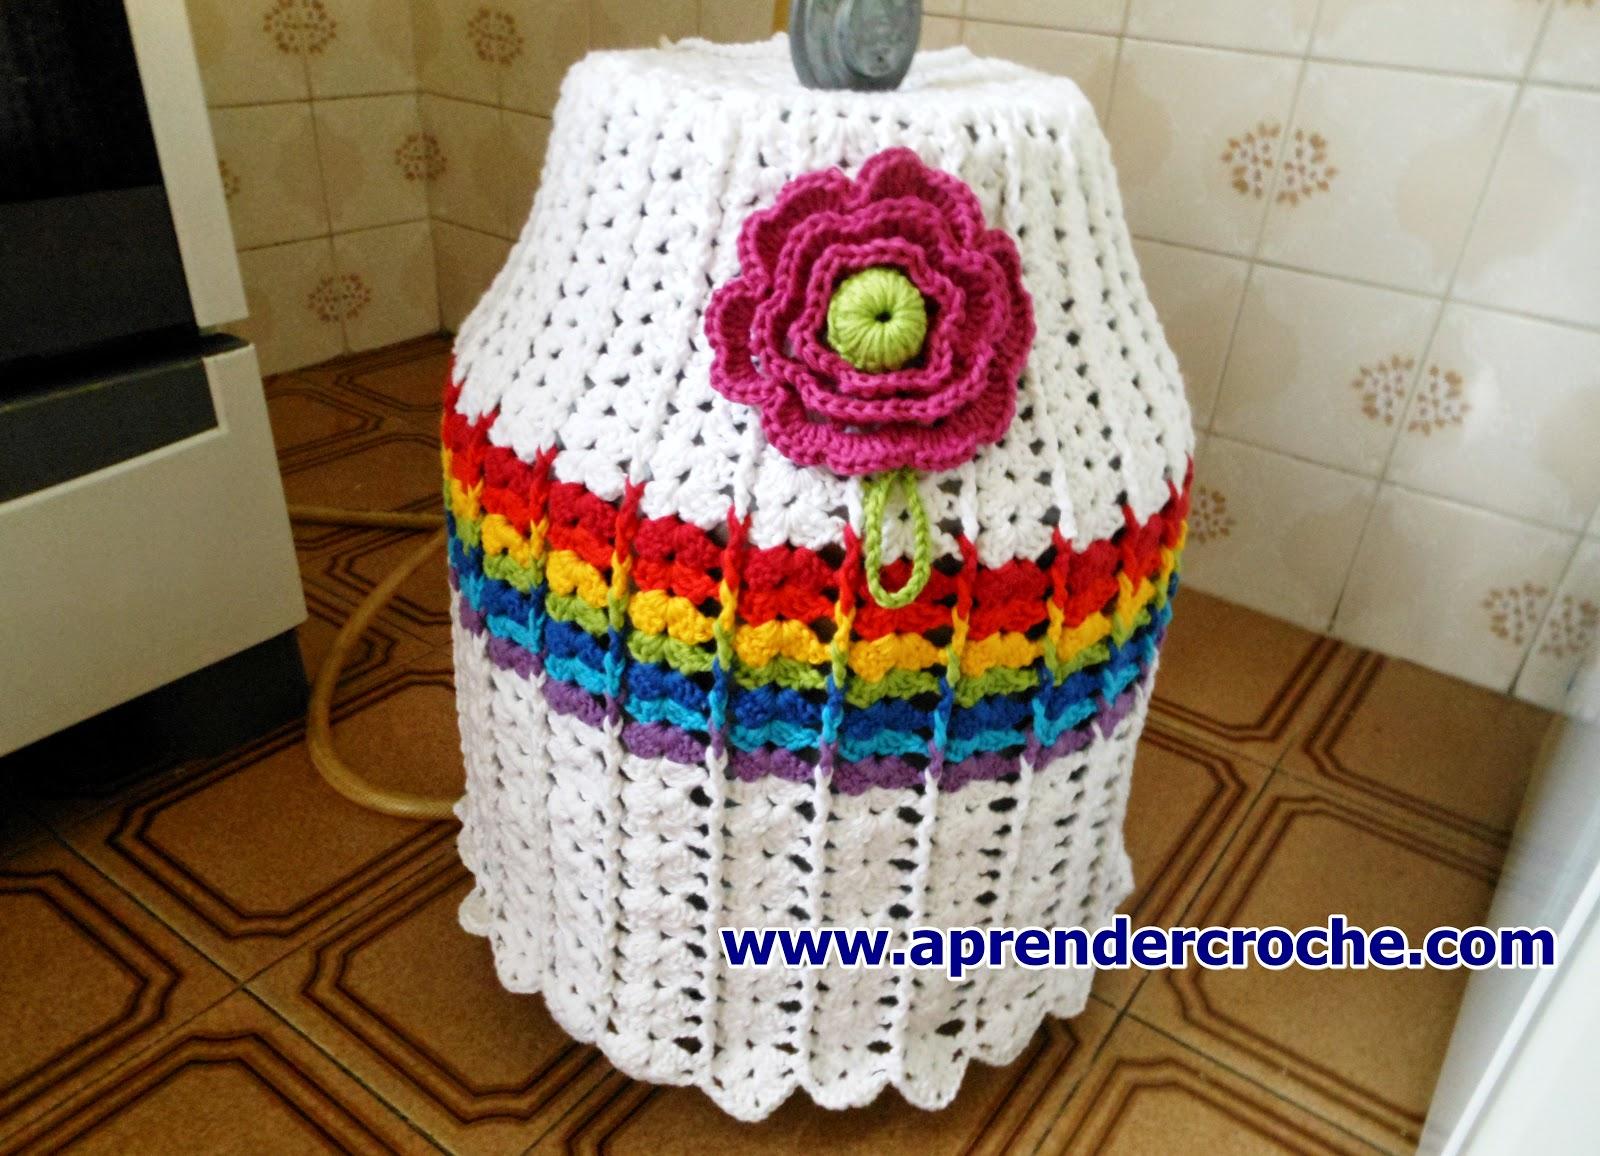 aprender croche Como fazer essa linda capa de crochê para botijão de gás com edinir croche